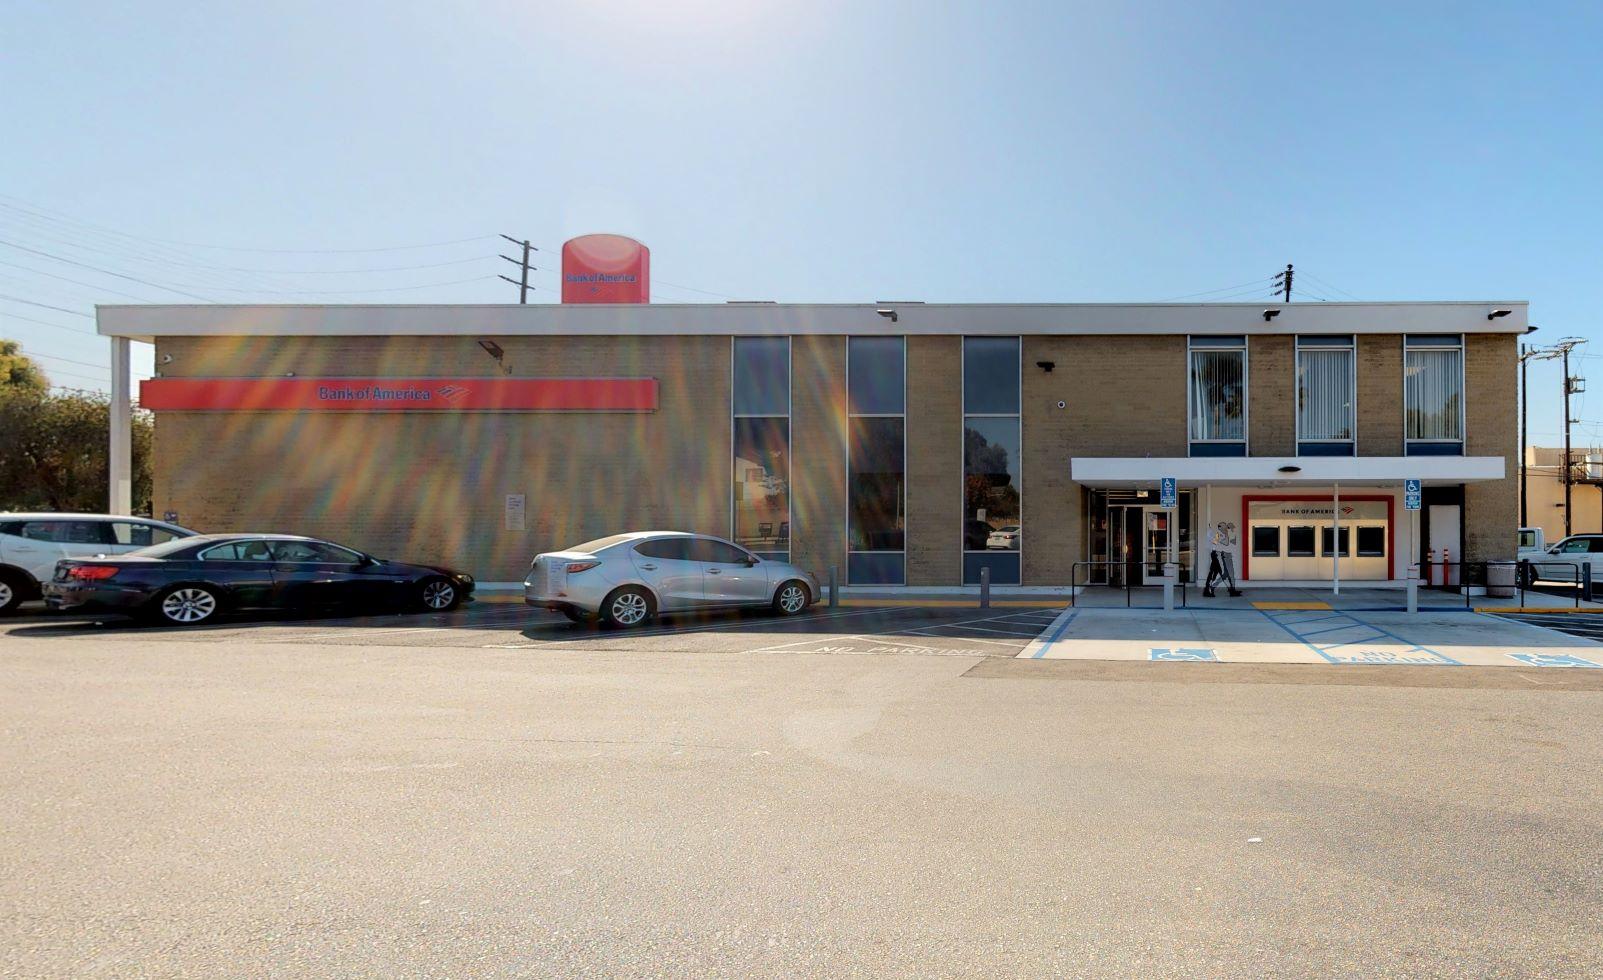 Bank of America financial center with walk-up ATM   6611 La Cienega Westway St, Los Angeles, CA 90056